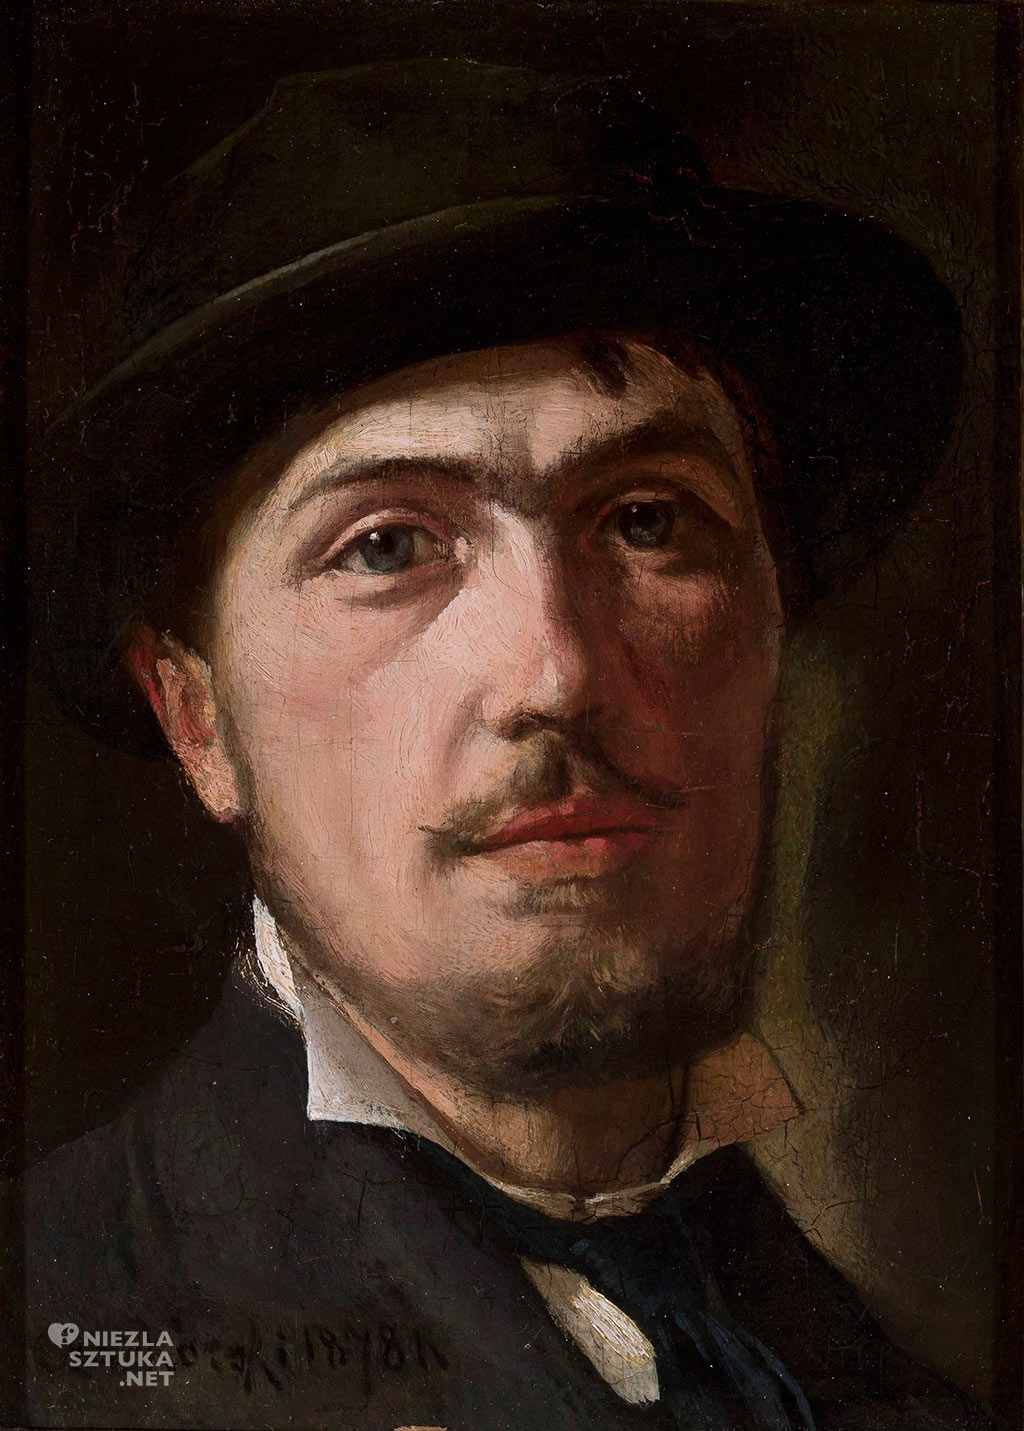 Portret Witolda Urbańskiego Władysław Czachórski